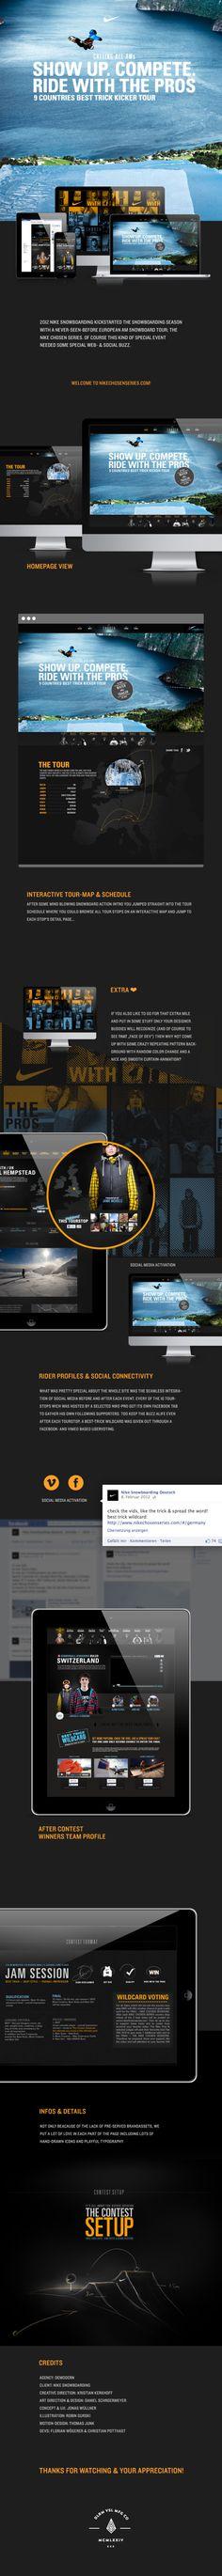 Nike Chosen Series #digitial #web #behance #nike on Twitpic